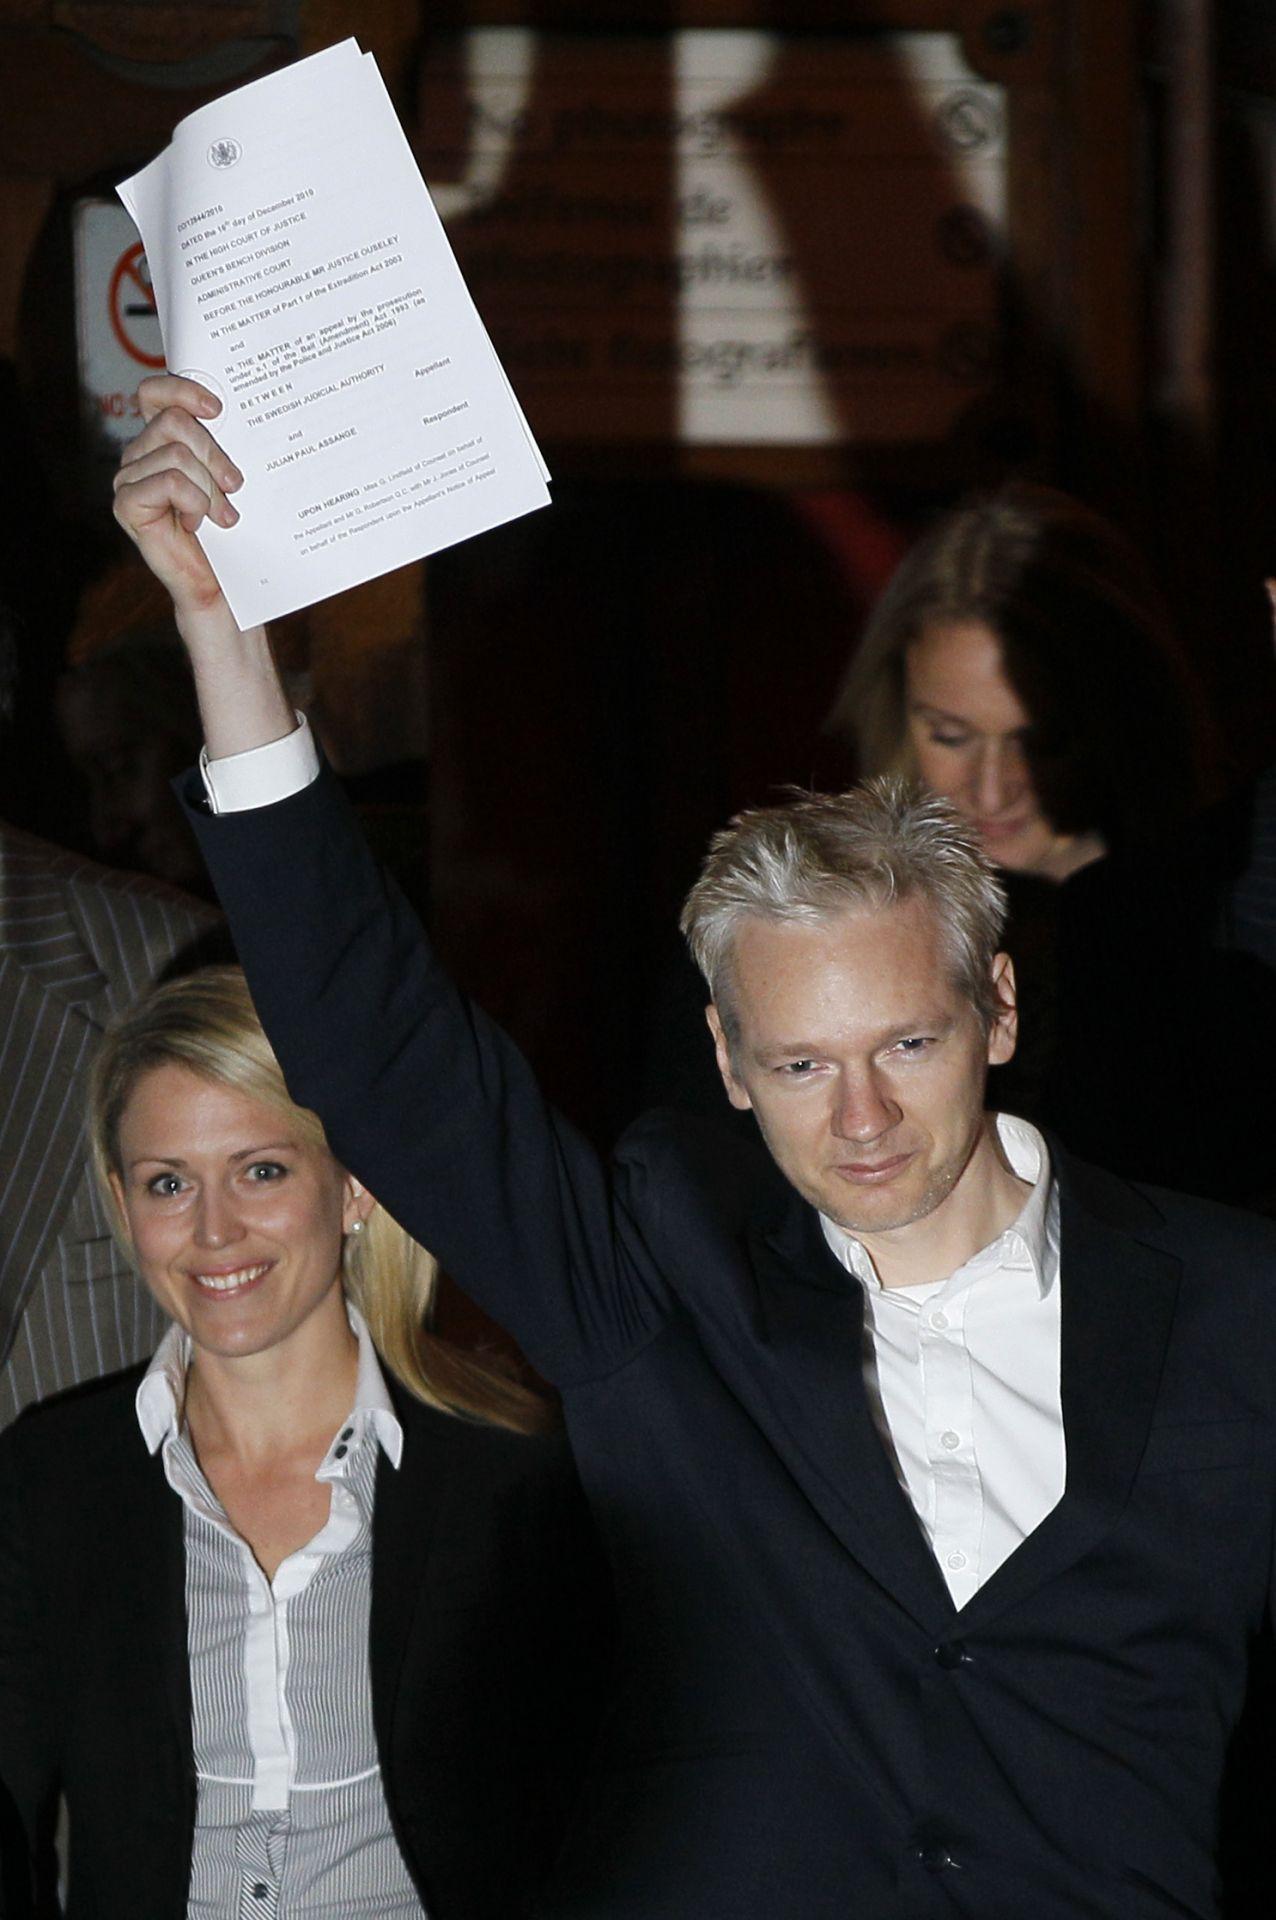 Gründer von WikiLeaks, Julian Assange, veröffentlicht geheime Dokumente.